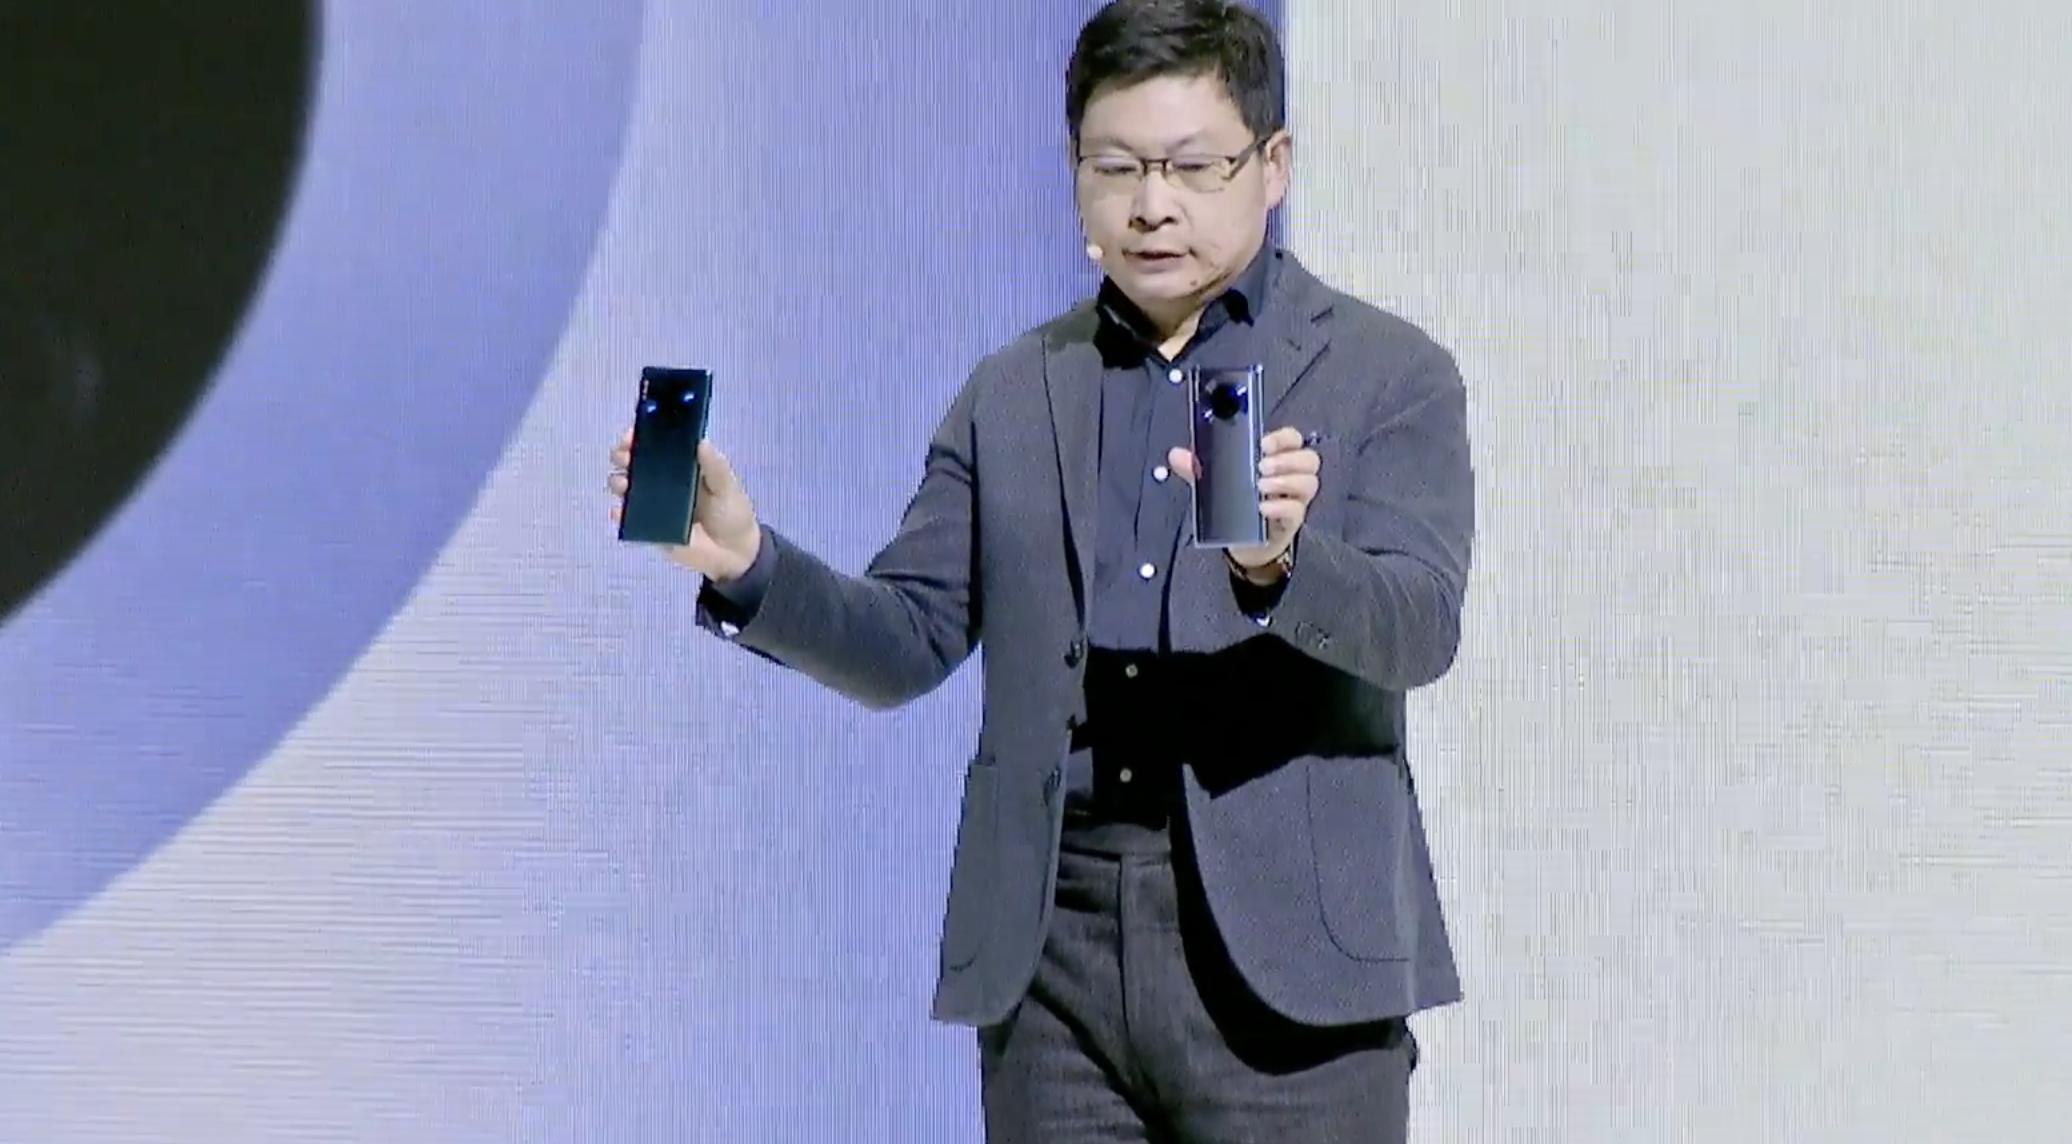 Кадр из видео YouTube / Huawei Mobile